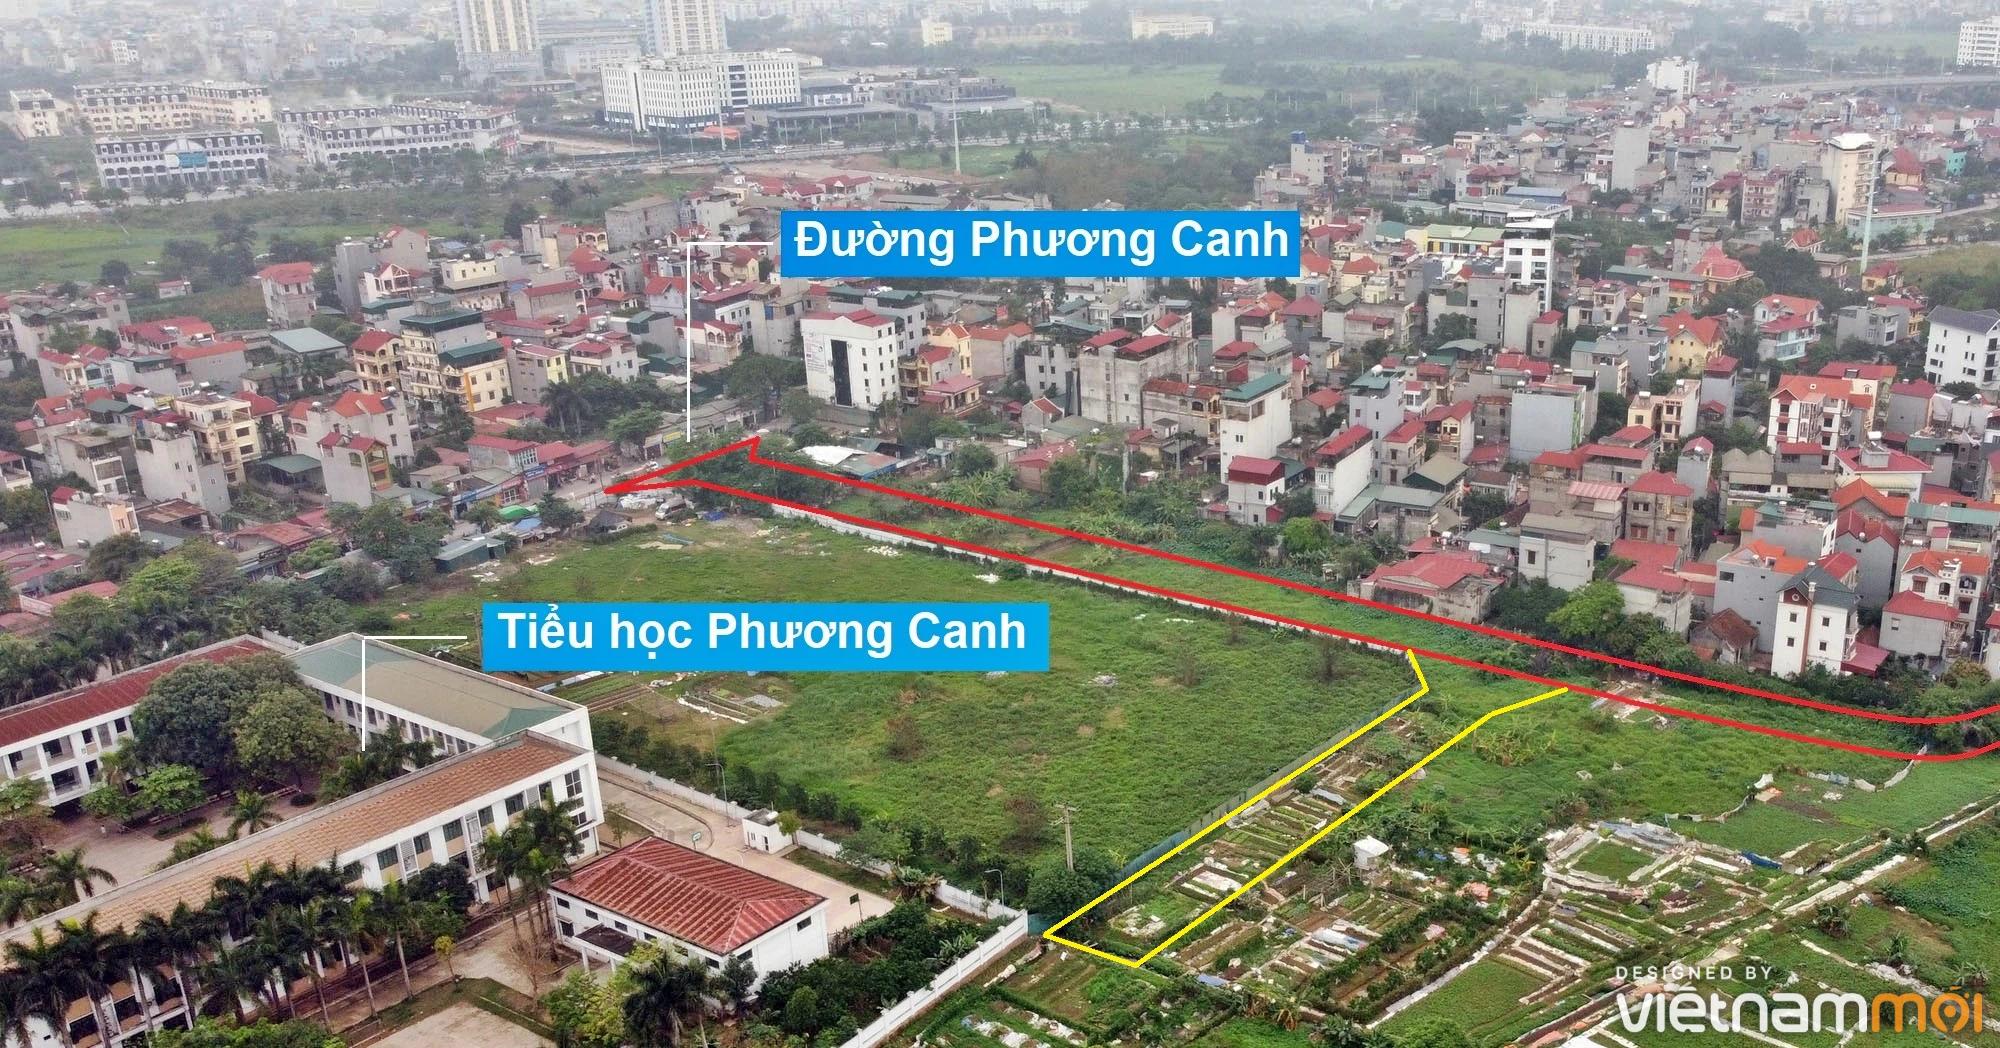 Những khu đất sắp thu hồi để mở đường ở phường Xuân Phương, Nam Từ Liêm, Hà Nội (phần 3) - Ảnh 8.